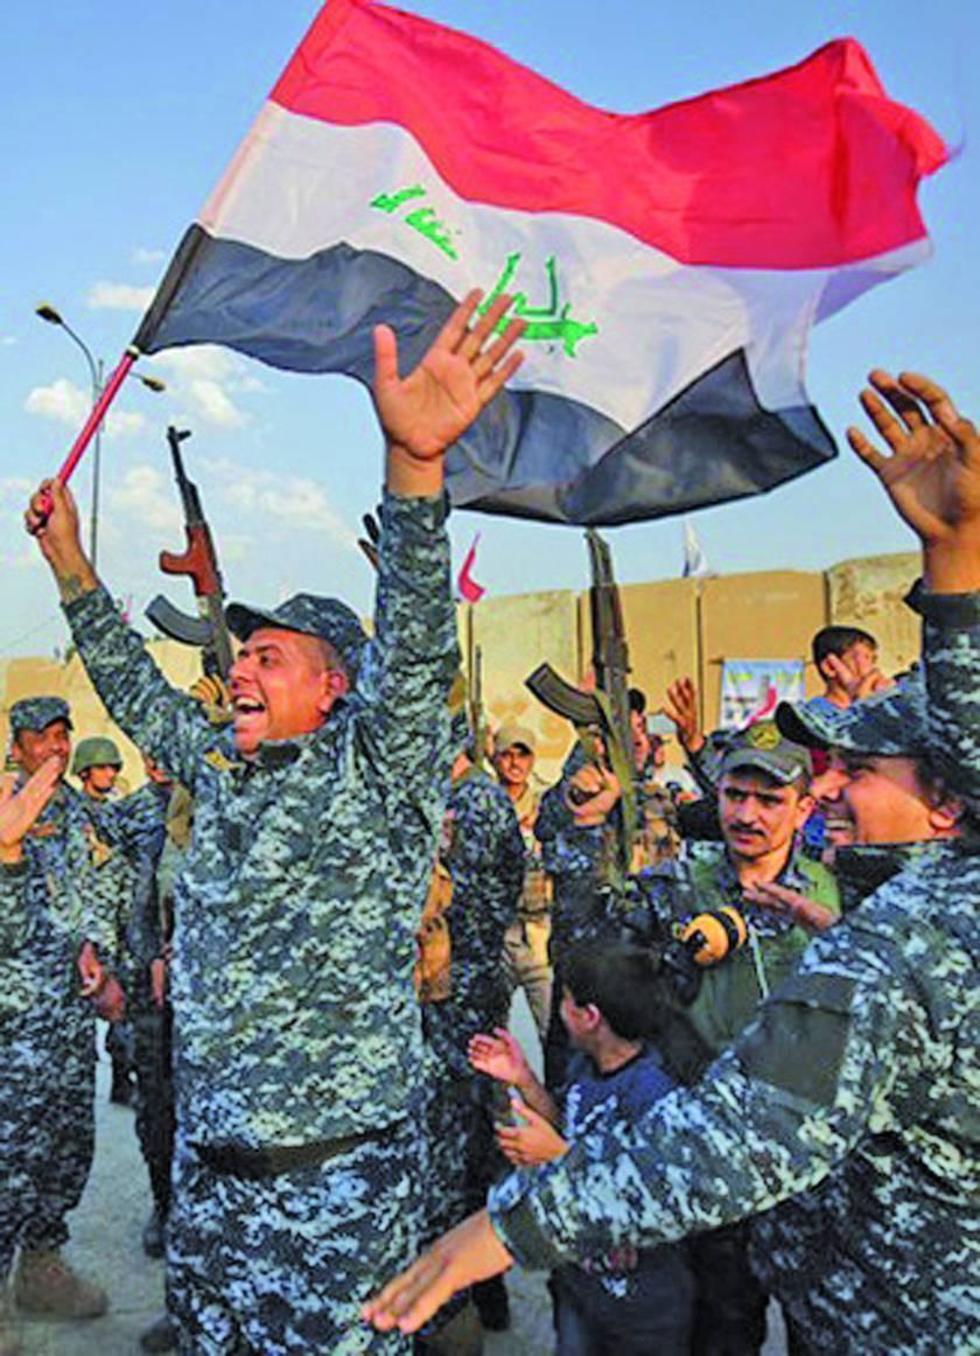 Irak festeja su victoria  frente a los terroristas en la ciudad de Mosul